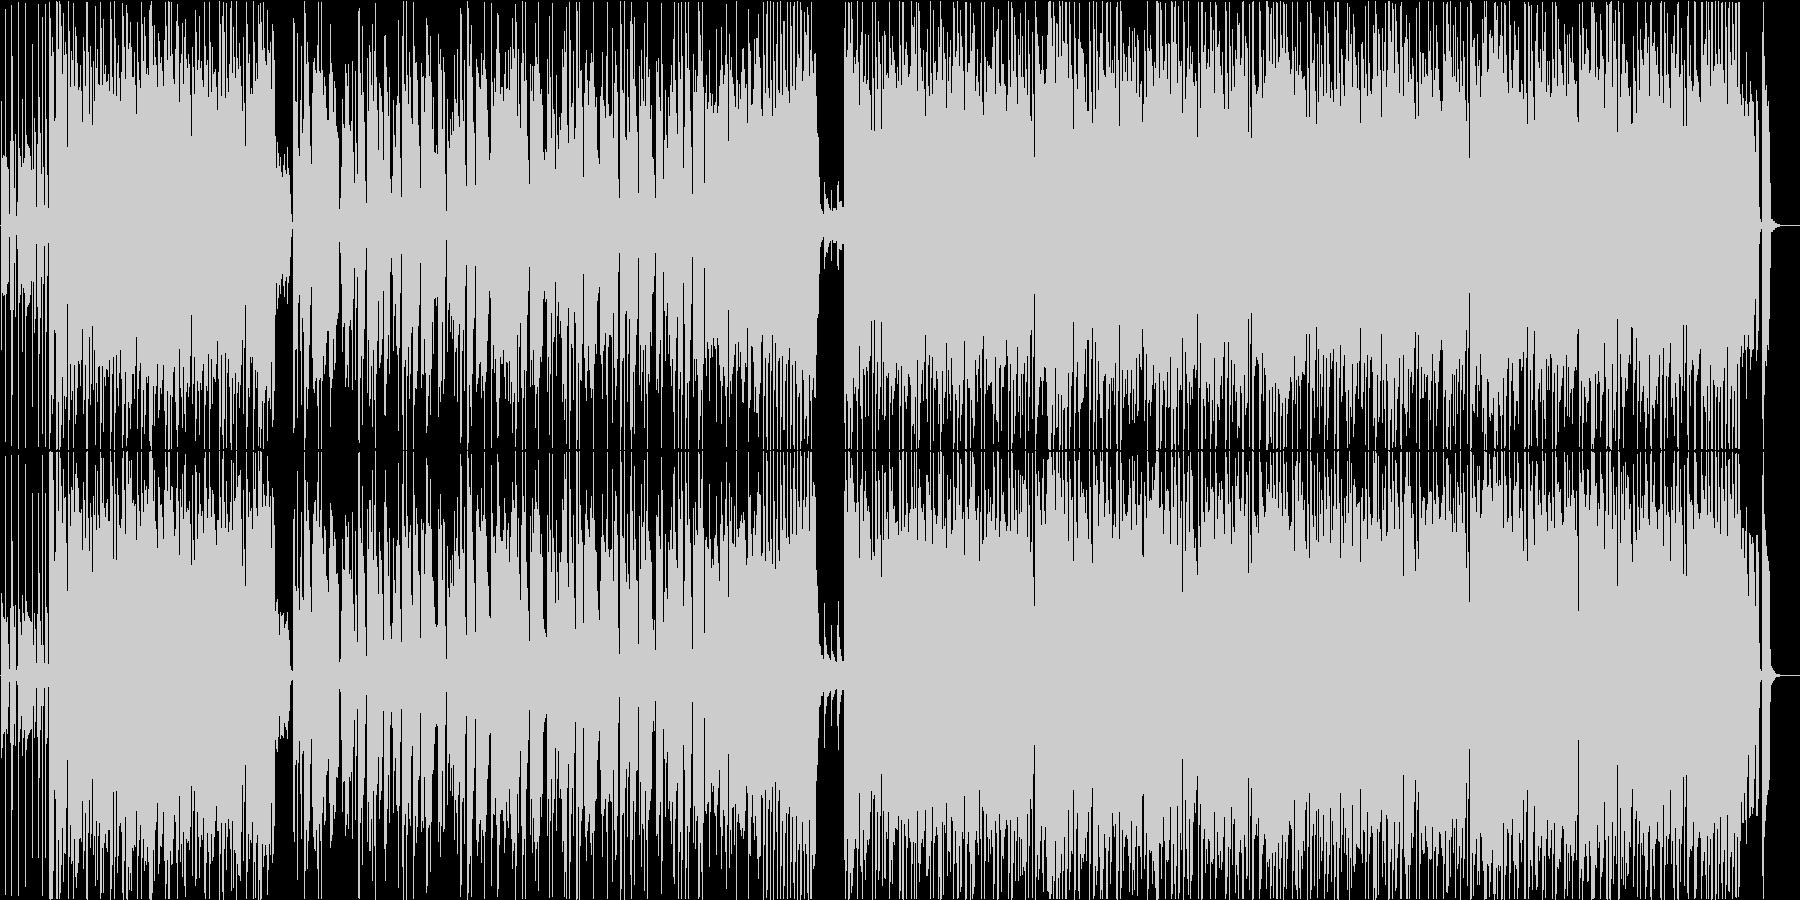 明るくてかっこよいロックPop(短縮版)の未再生の波形